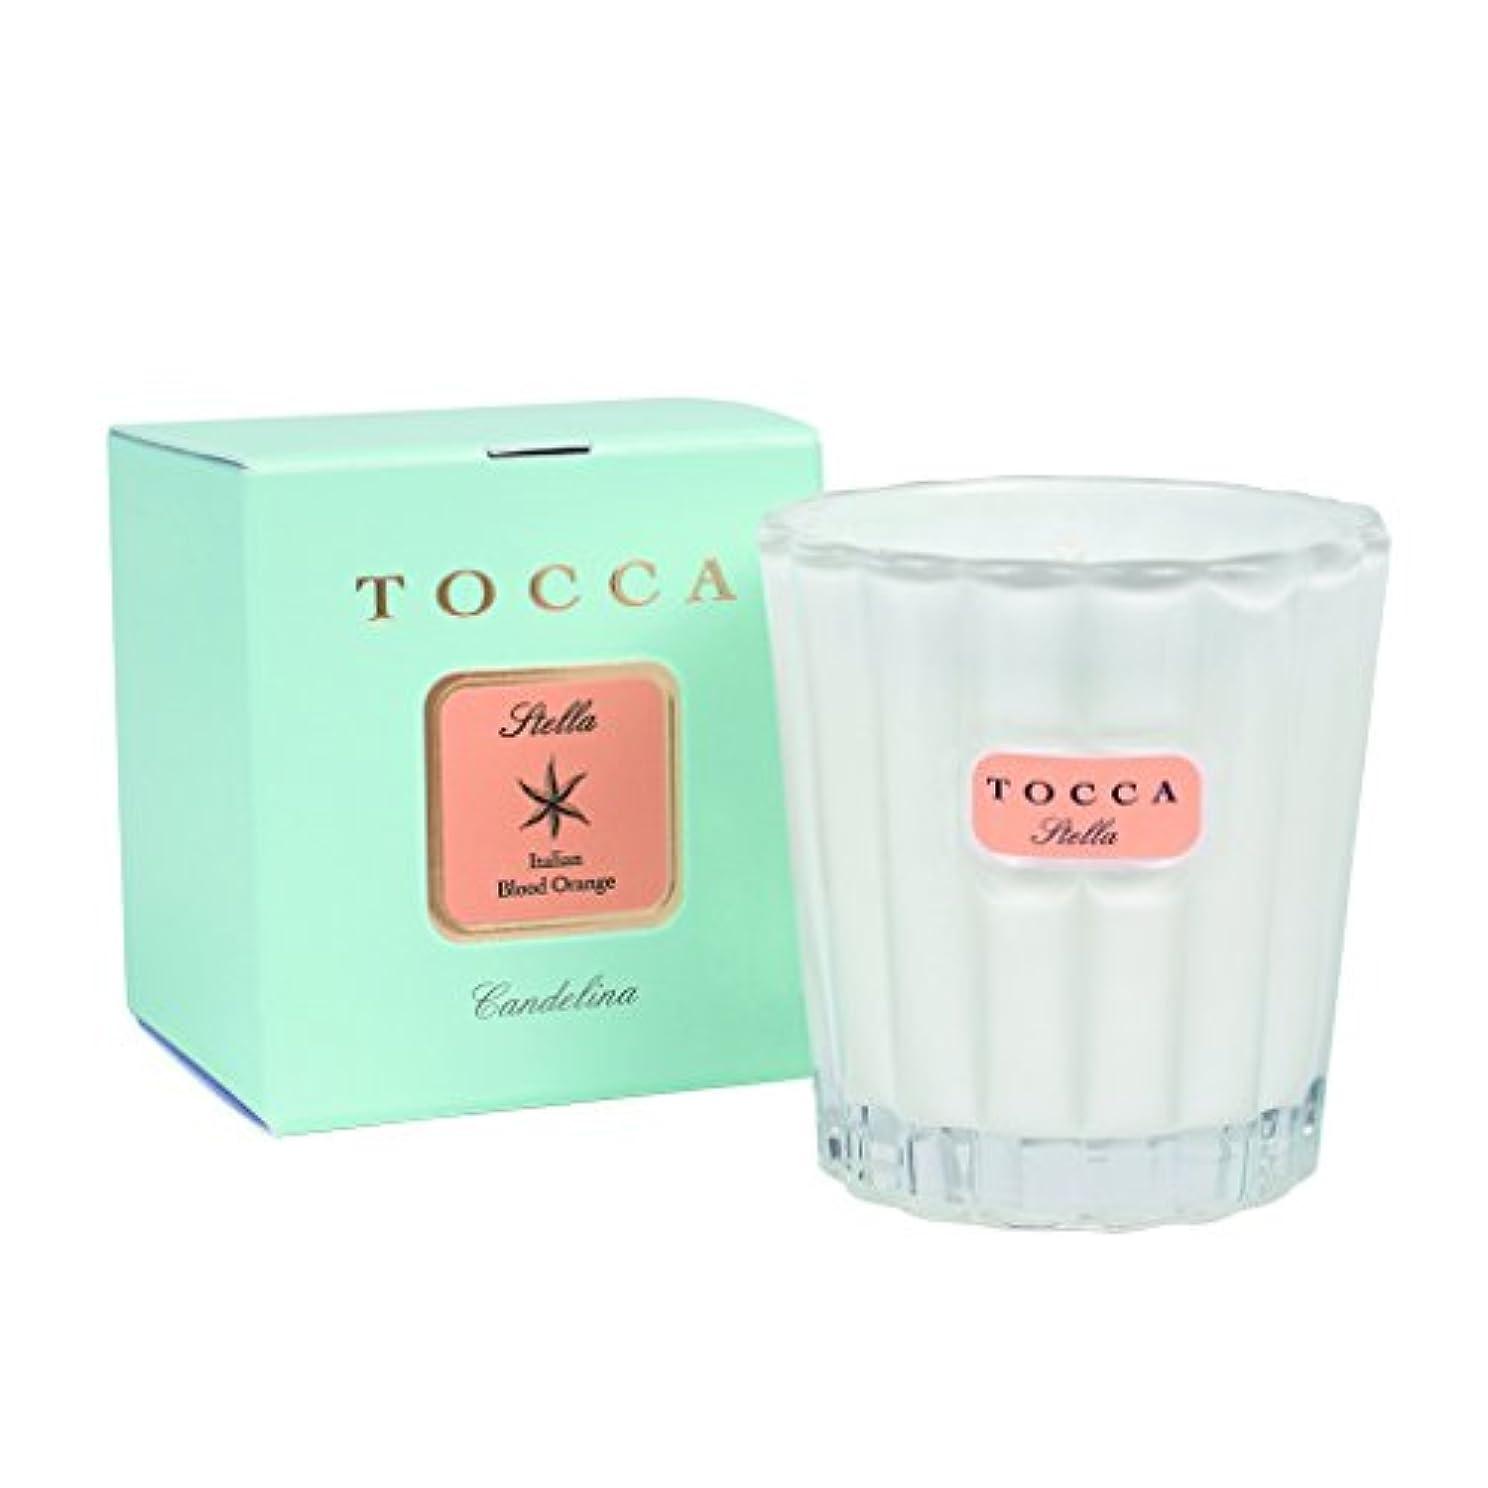 セーター大人プーノトッカ(TOCCA) キャンデリーナ ステラ 88g (キャンドル ろうそく シトラス系でありながらほんのり甘く苦味を感じることのないさわやかな香り)